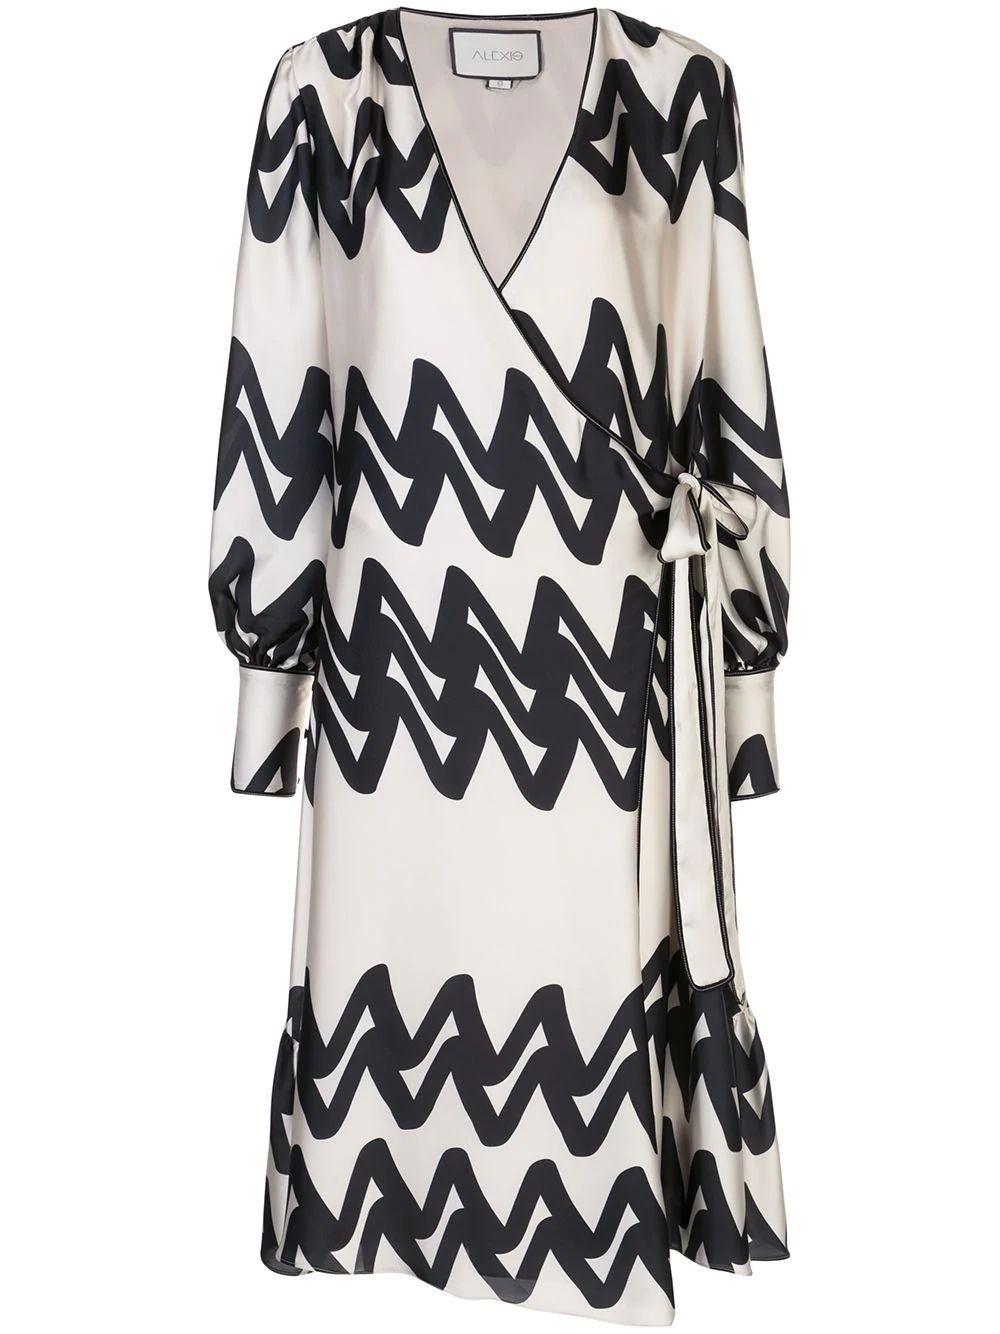 Maleko Zig Zag Print Wrap Dress